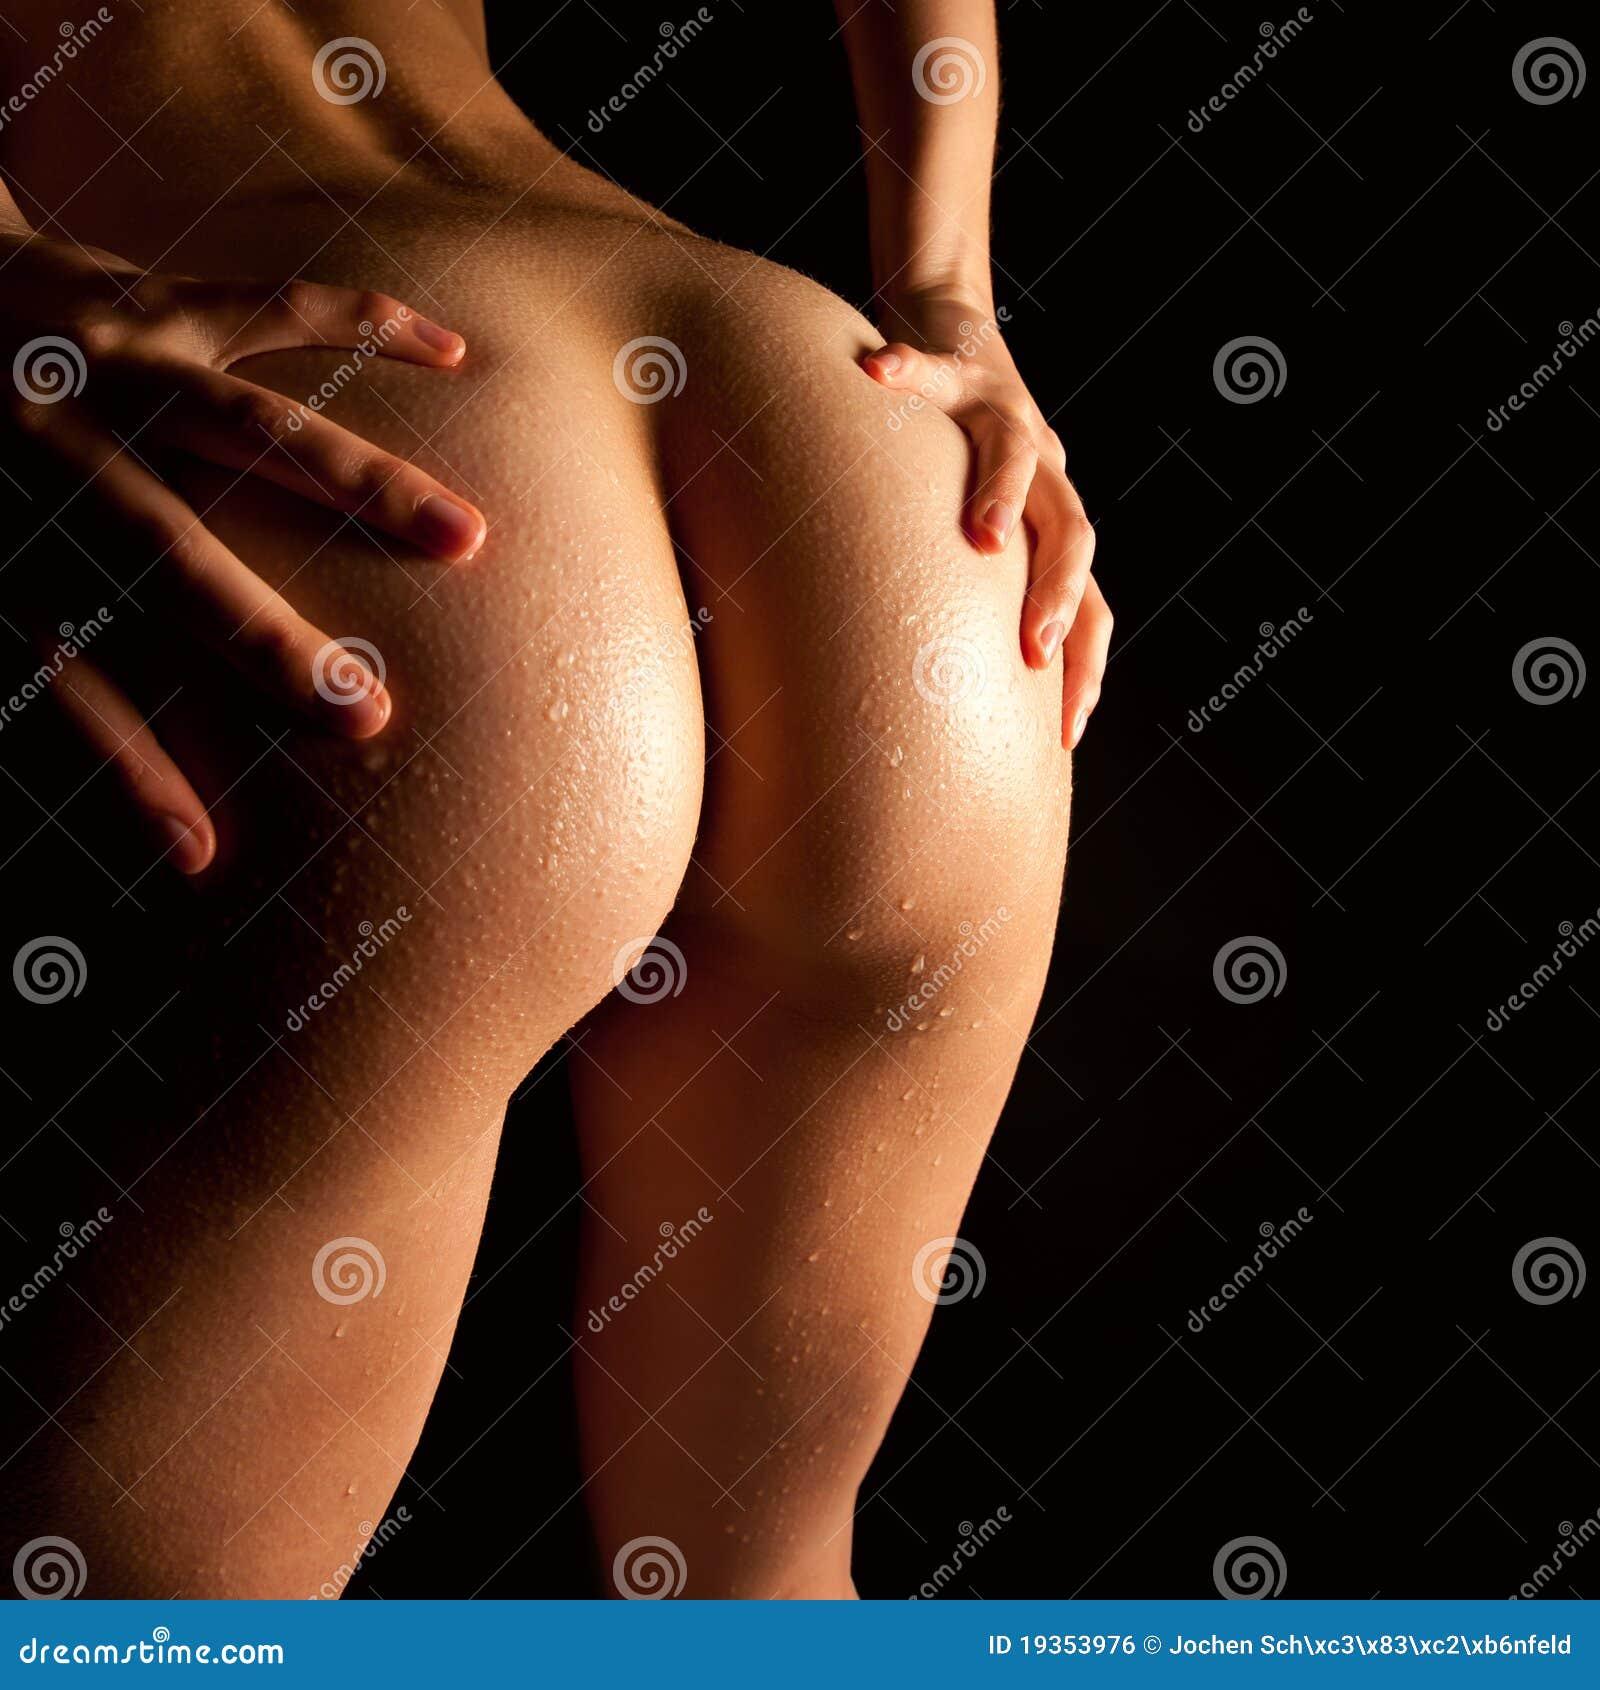 Wet nude body